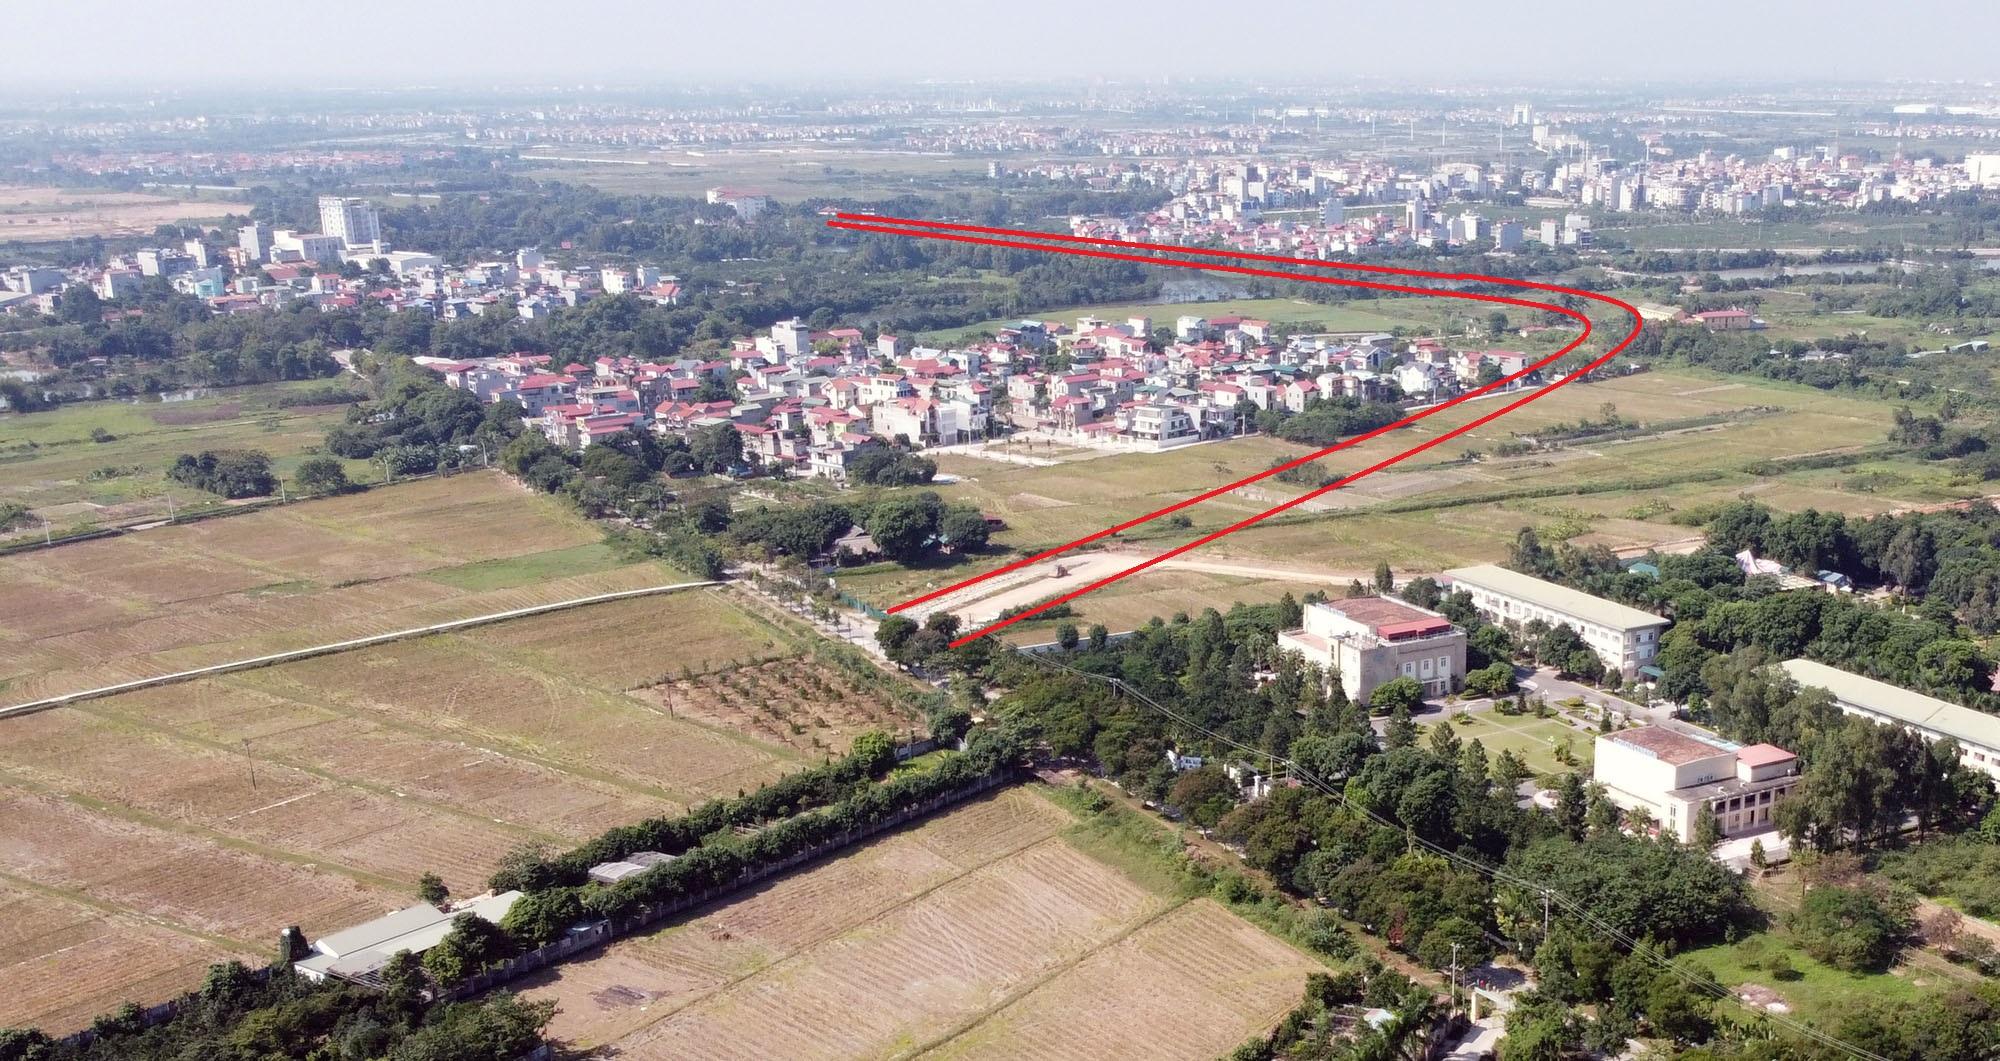 đường sẽ mở theo qui hoạch ở xã Uy Nỗ, Đông Anh, Hà Nội - Ảnh 12.